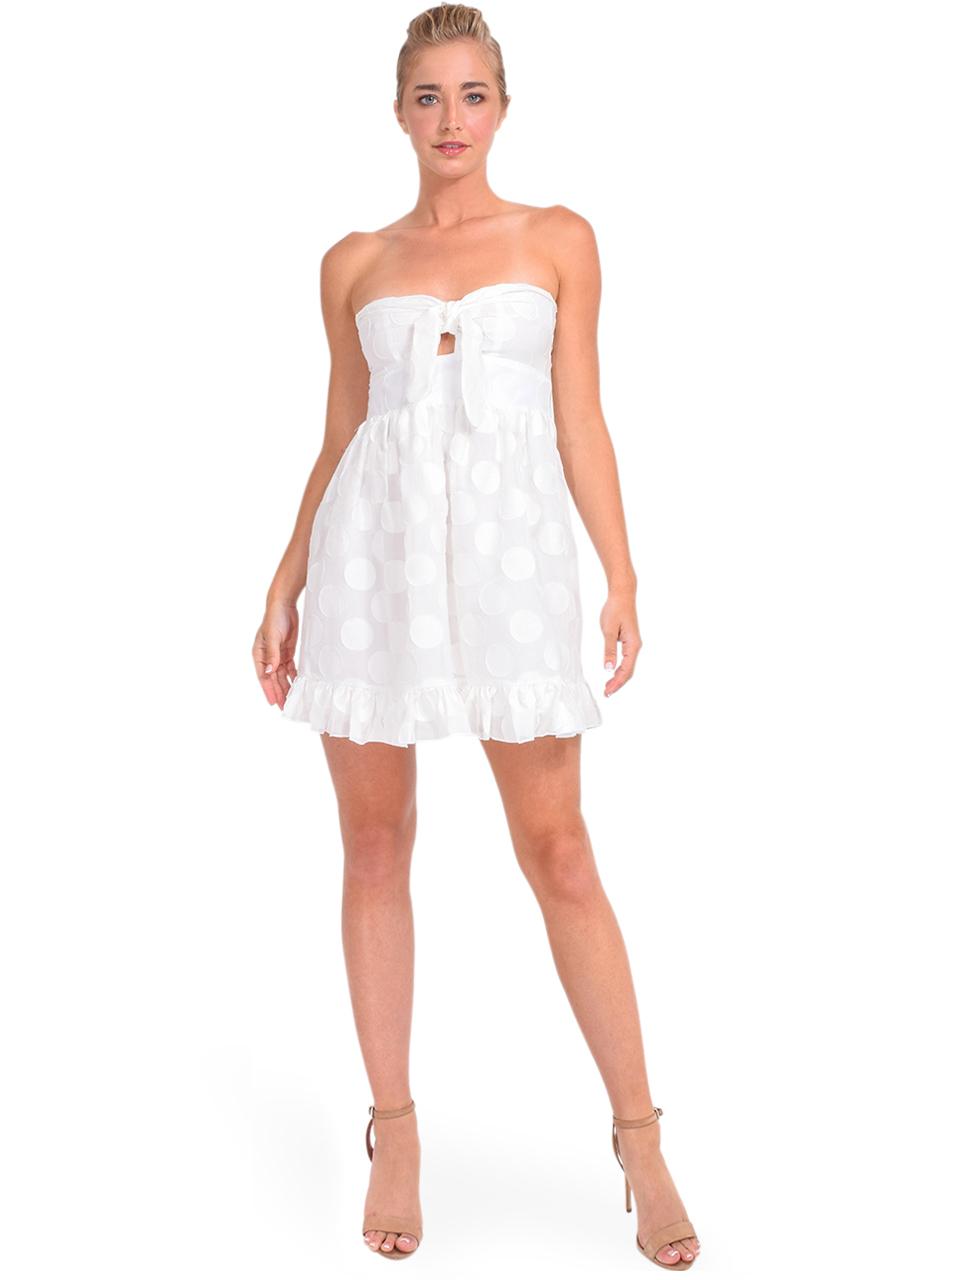 Karina Grimaldi Annie Dot Mini Dress in White Front View